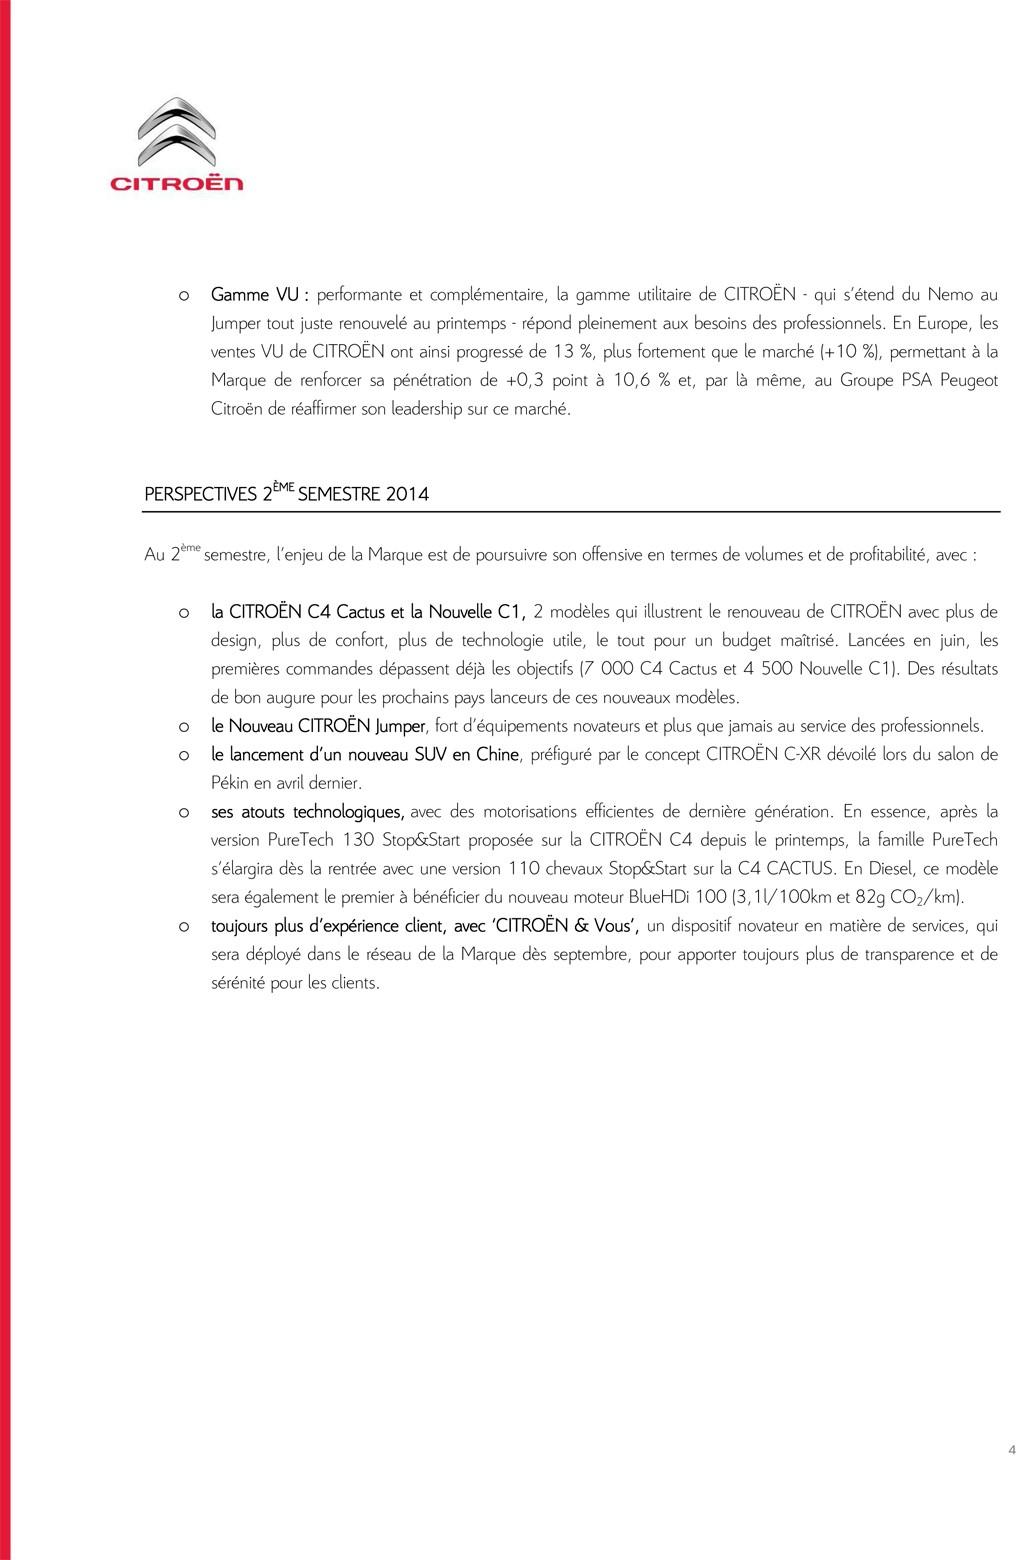 [VENTE] Résultats commerciaux 2014 Cp_cit15